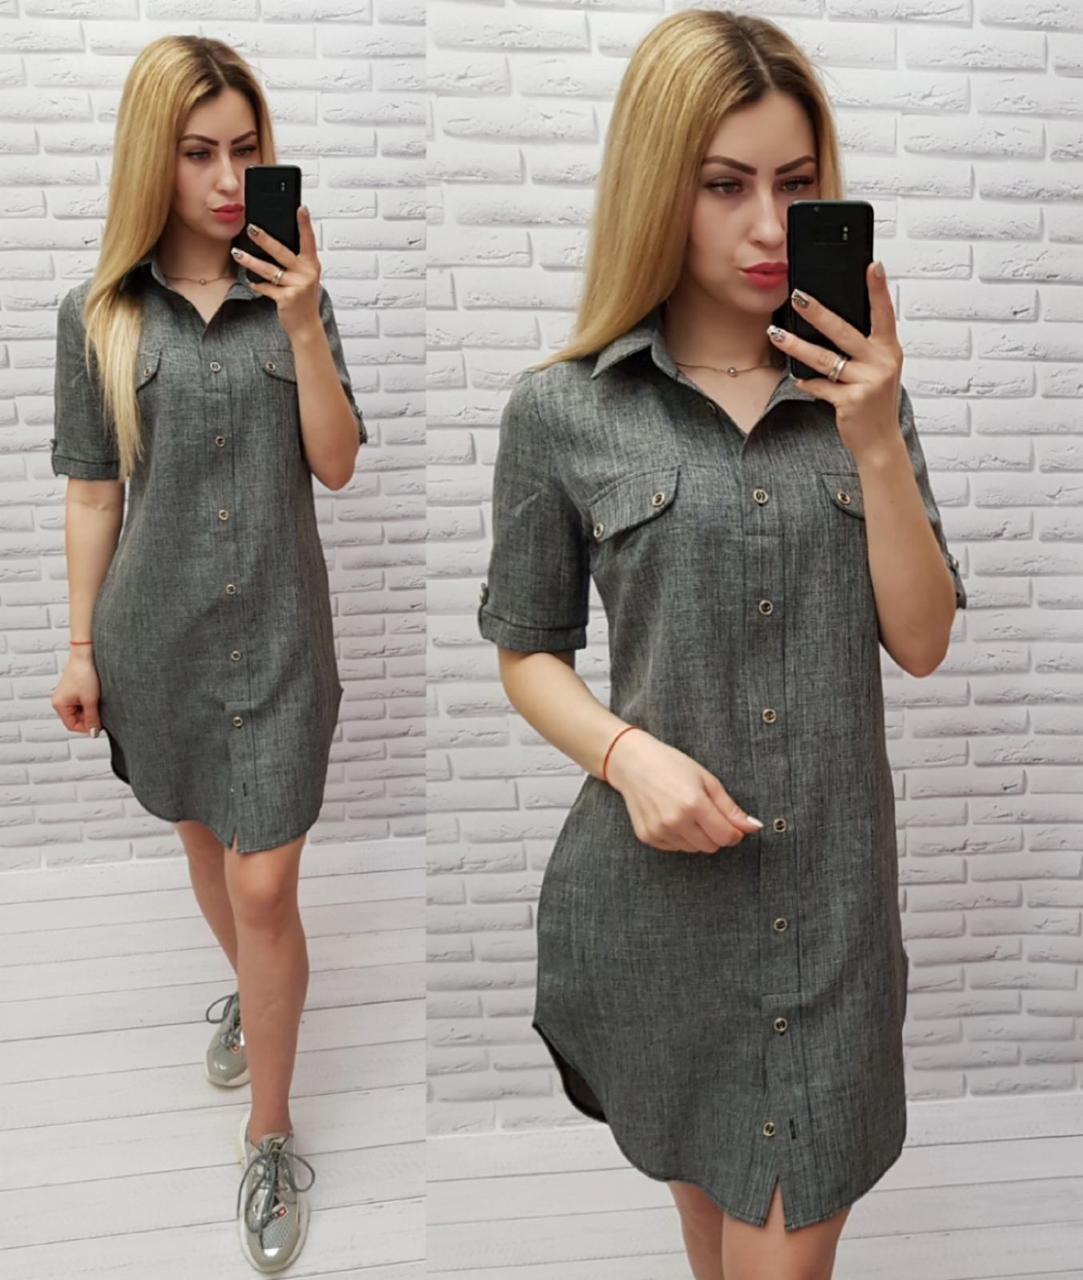 Арт 827 Летнее однотонное платье-рубашка, темно-серое/ серого цвета/ серый/ меланж